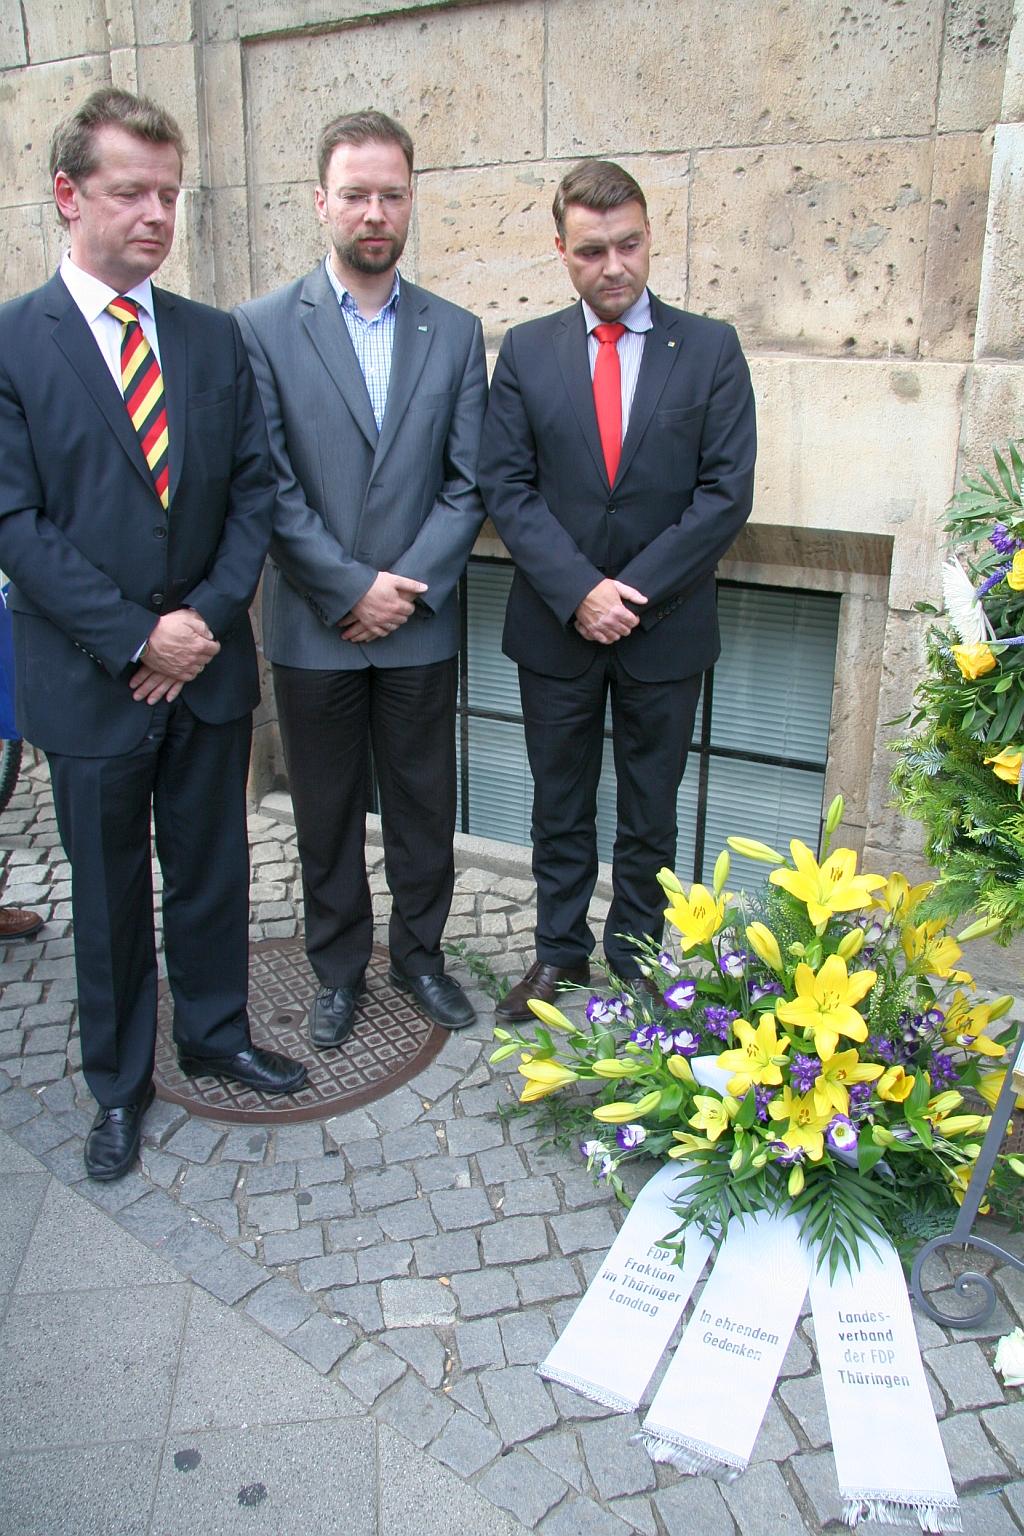 Landesvorstand legt Kranz in Jena nieder